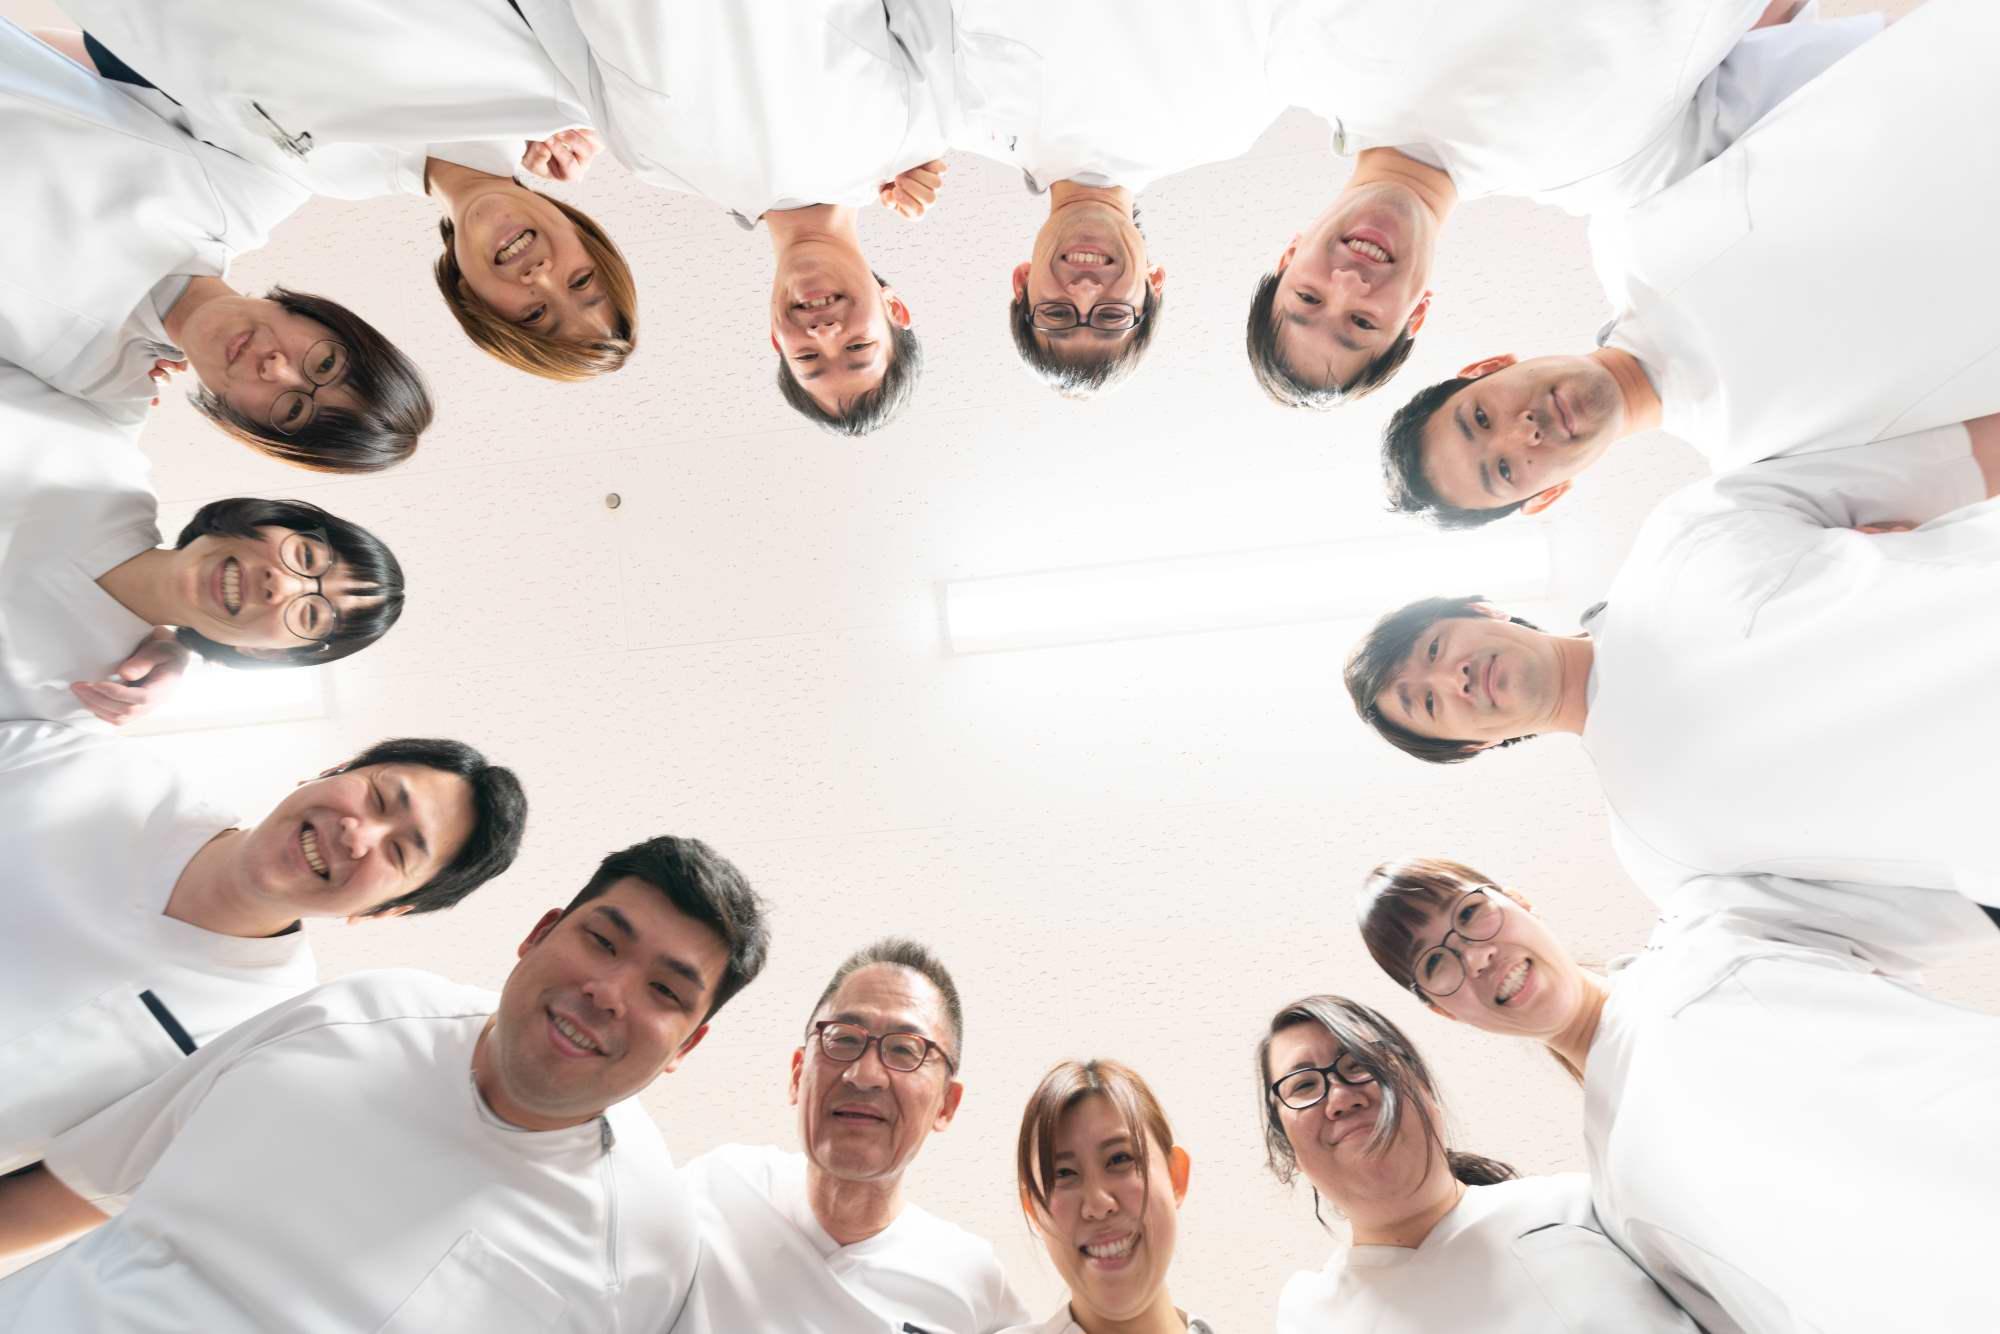 城東病院 リハビリテーション課 (医療療養病棟)